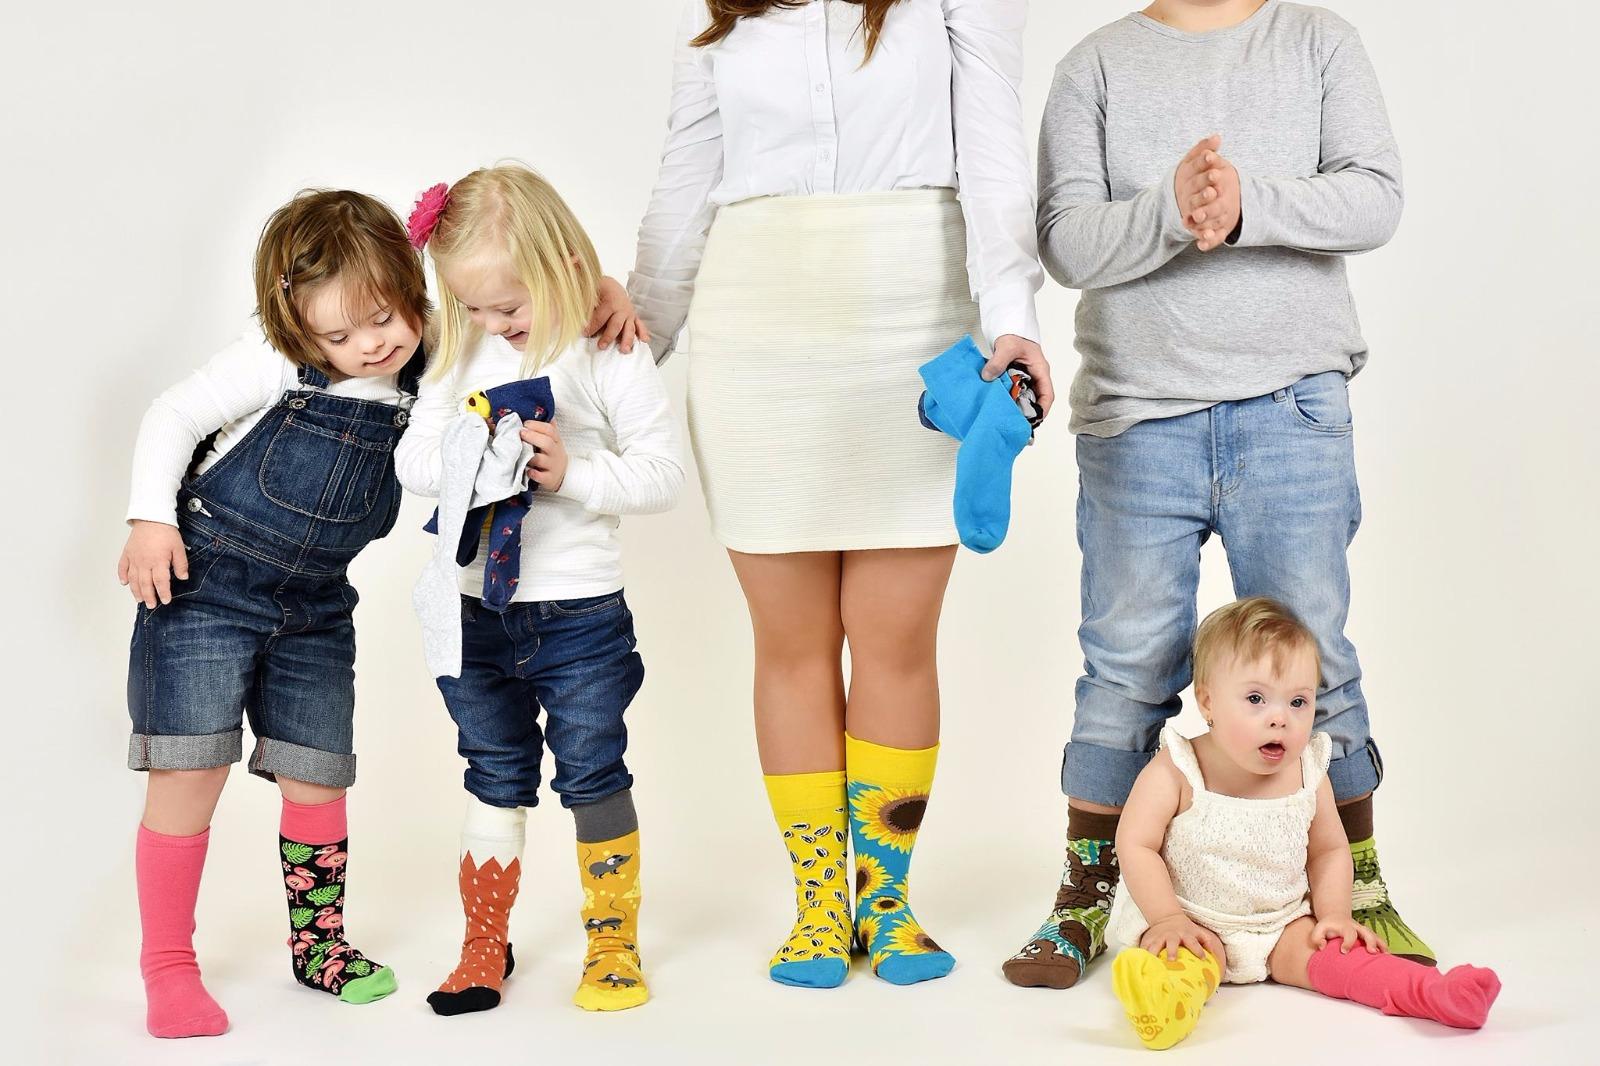 Kúp si veselé ponožkya urob niečo dobré - Dve rôzne ponožky má doma asi každý, ak však chcete byť originálni a navyše pomôcť ešte viac, riešenie je jednoduché. My, spoločnosť Dedoles, sa každoročne snažíme ponožkovú výzvu čo najviac rozšíriť a ľuďom s Downovým syndrómom pomôcť všemožnými spôsobmi.A jedným z našich produktov sú práve ponožky, ktoré sú odlišné a zároveň tvoria dokonalý pár.